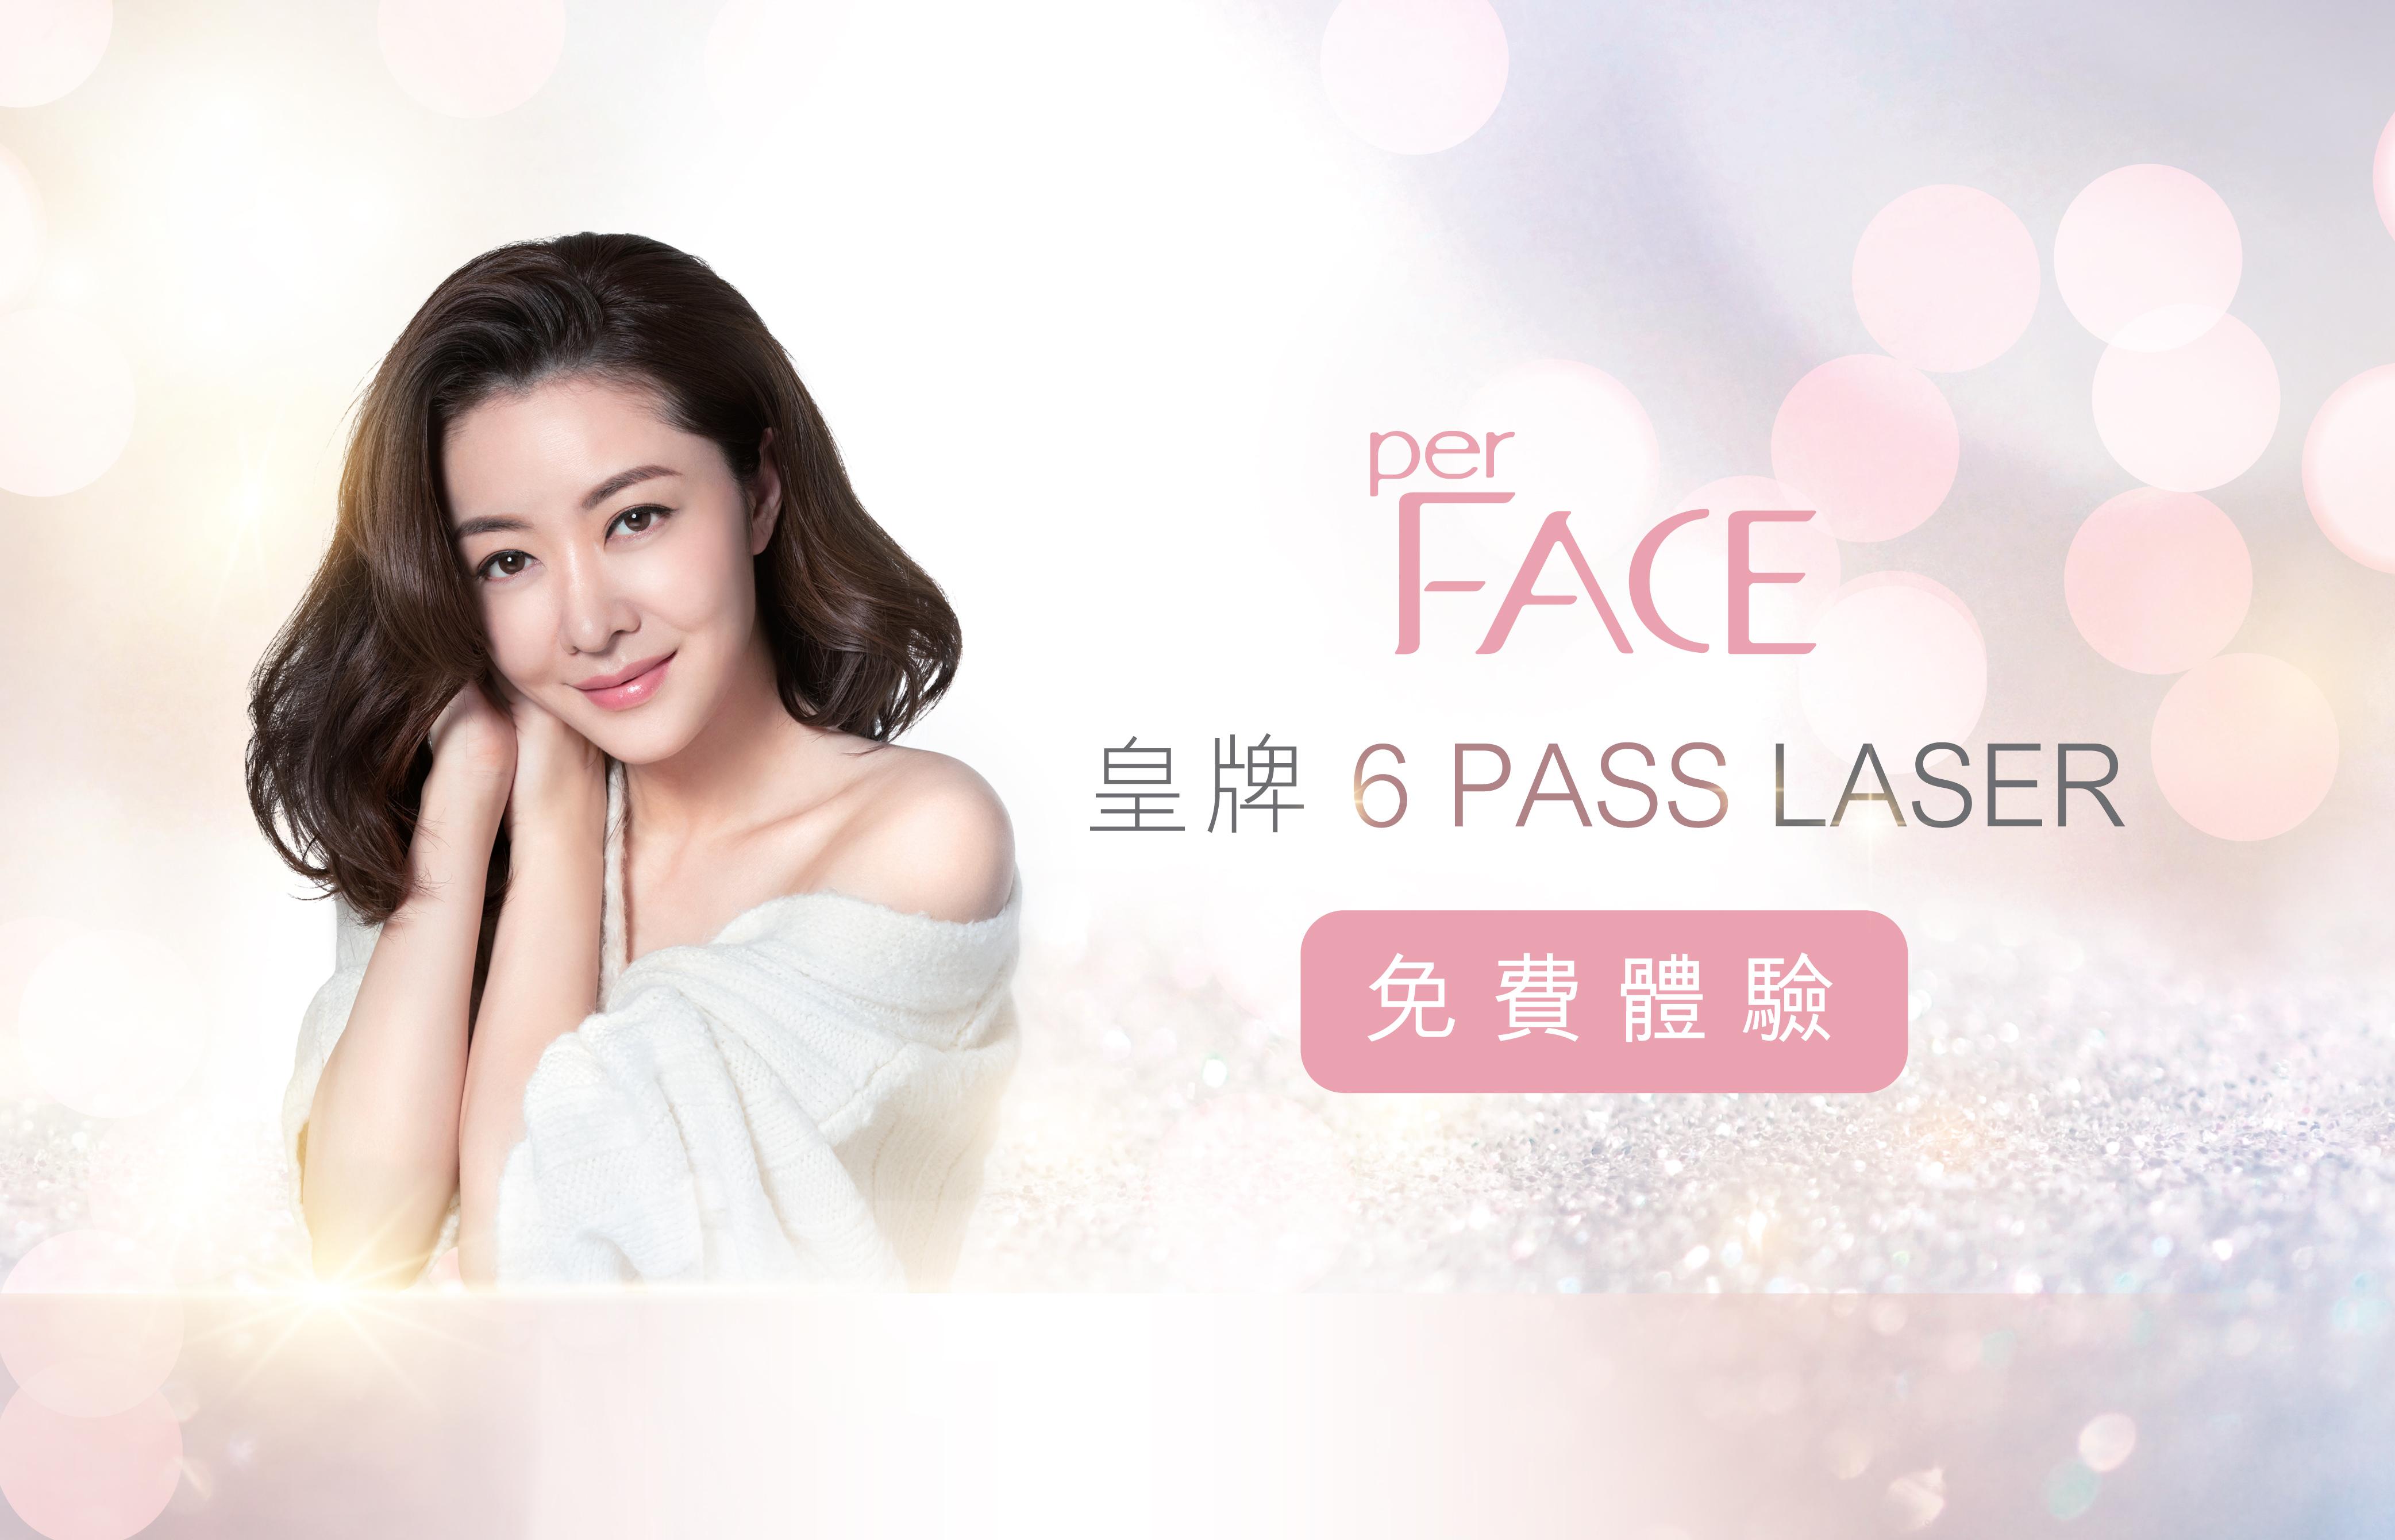 perFACE : 免费皇牌 6 Pass Laser @...